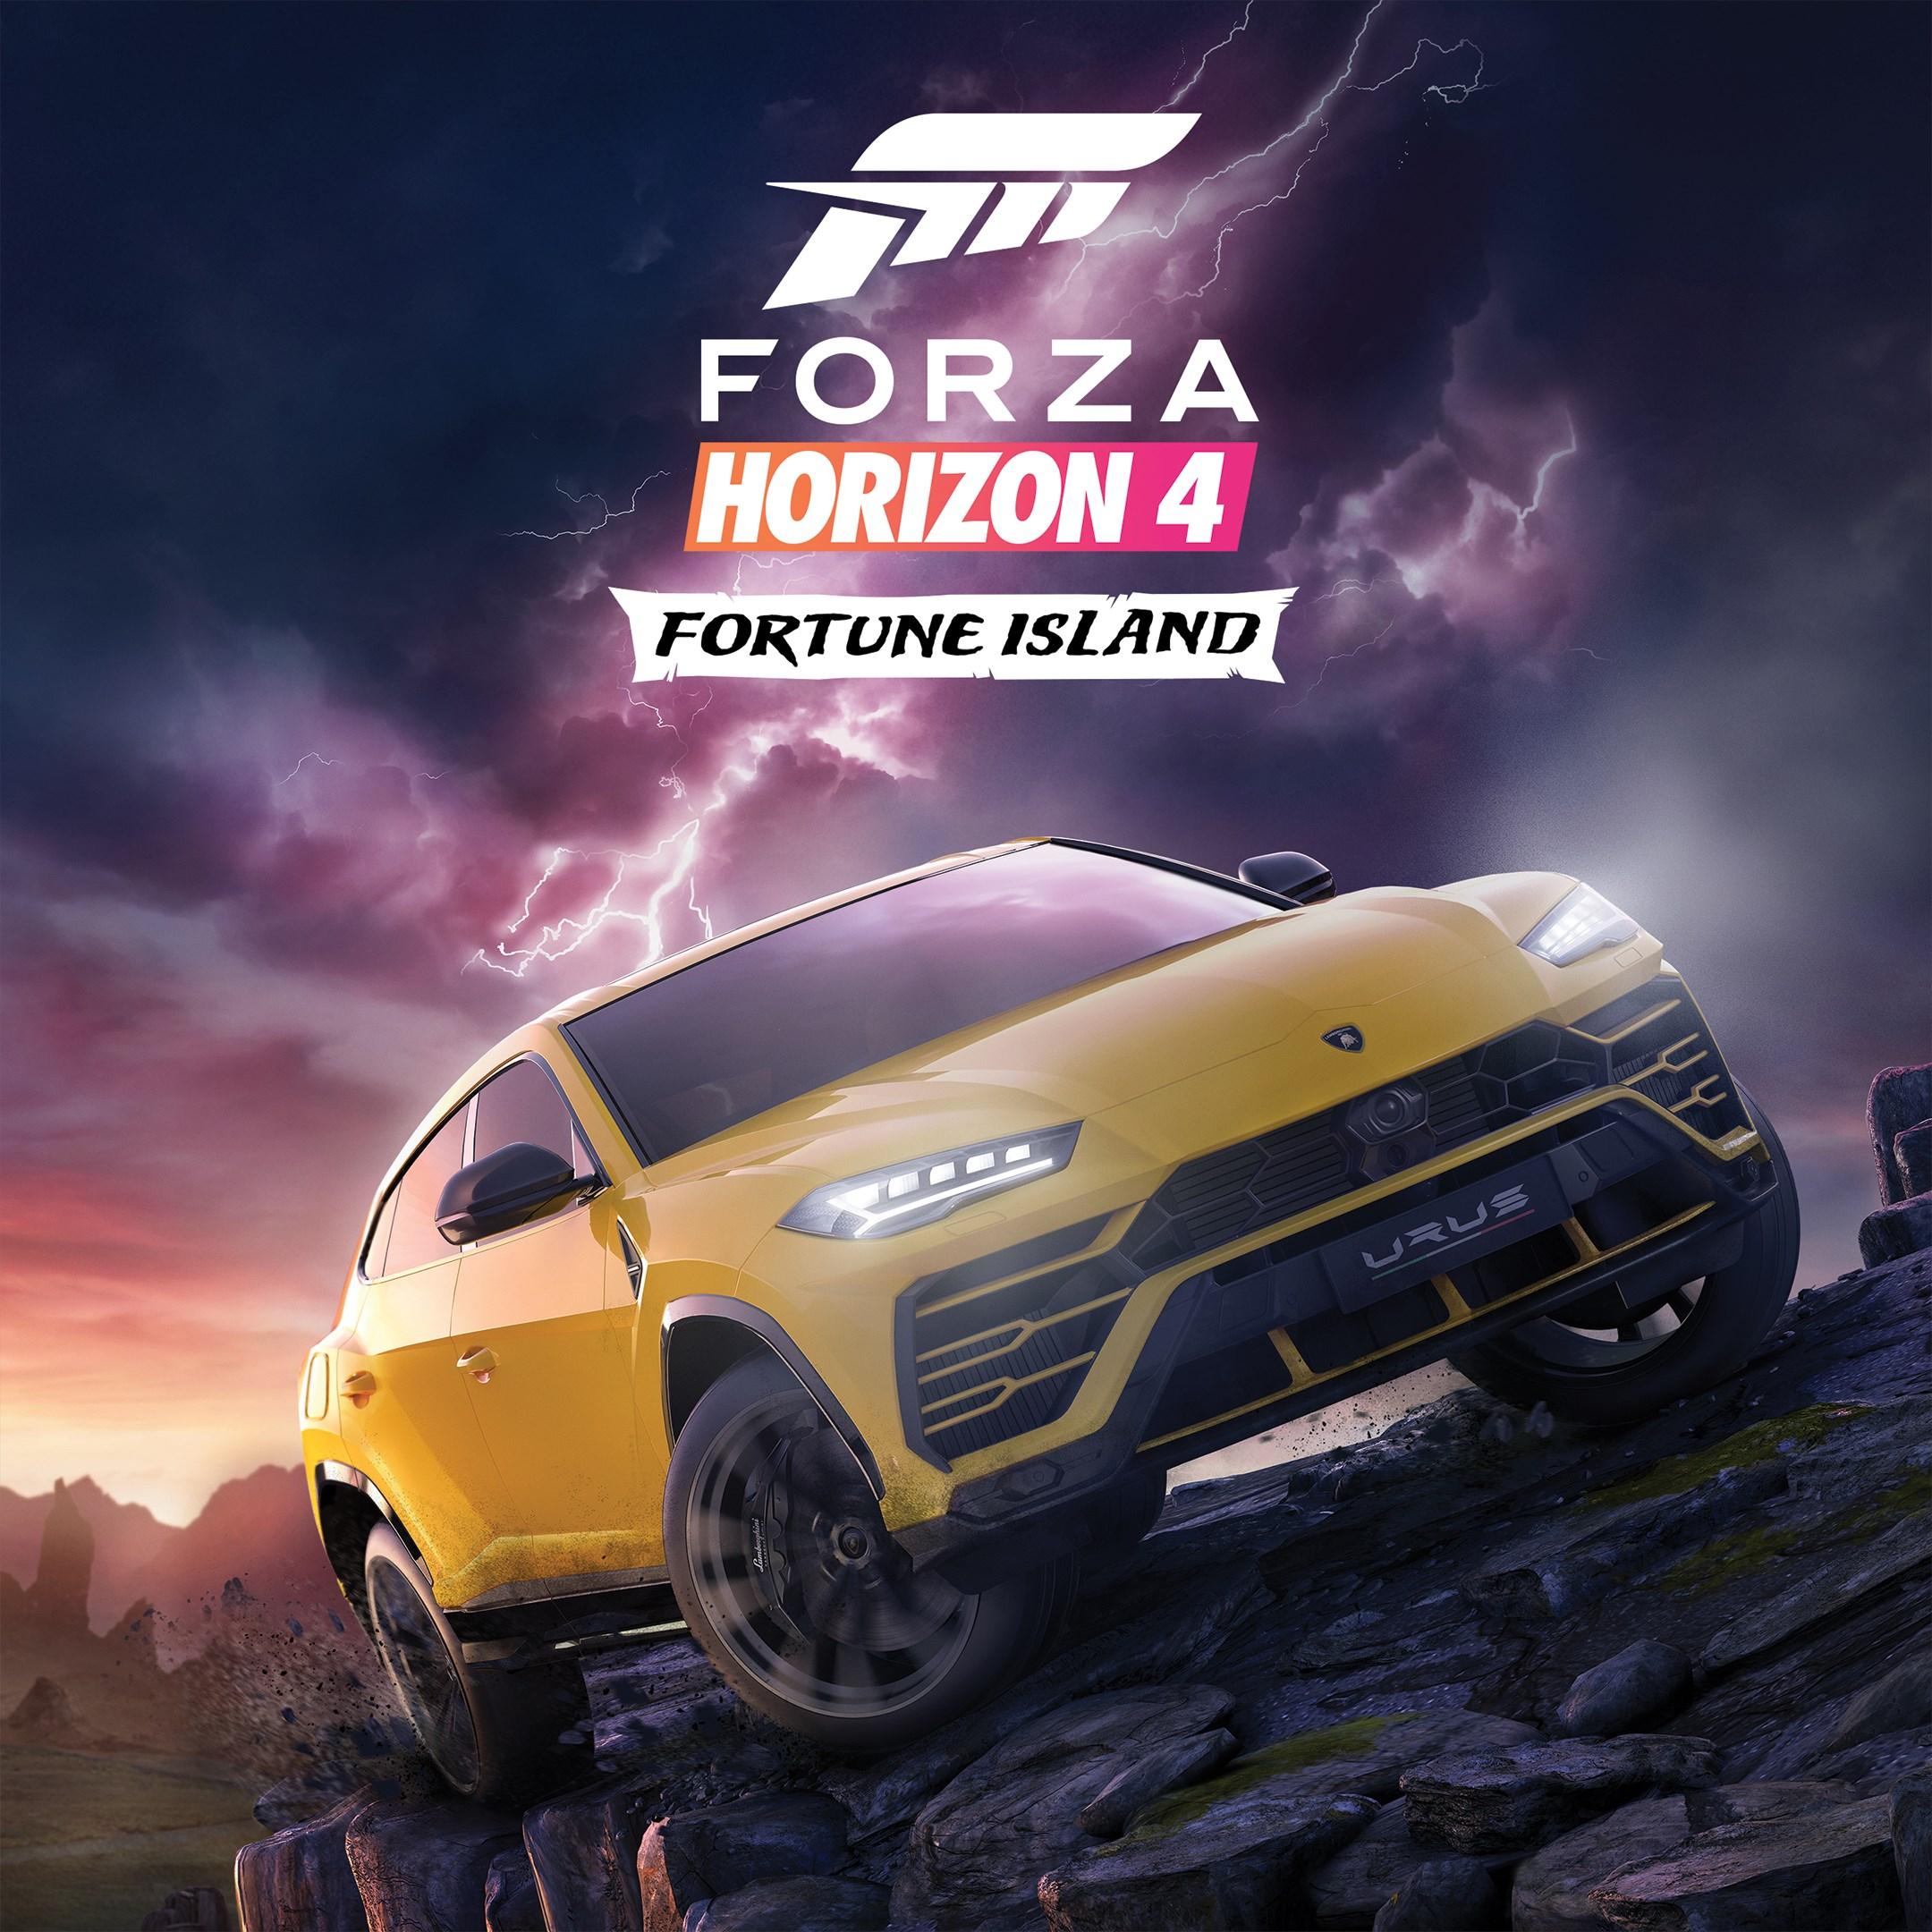 Forza horizon 4 treasure 4